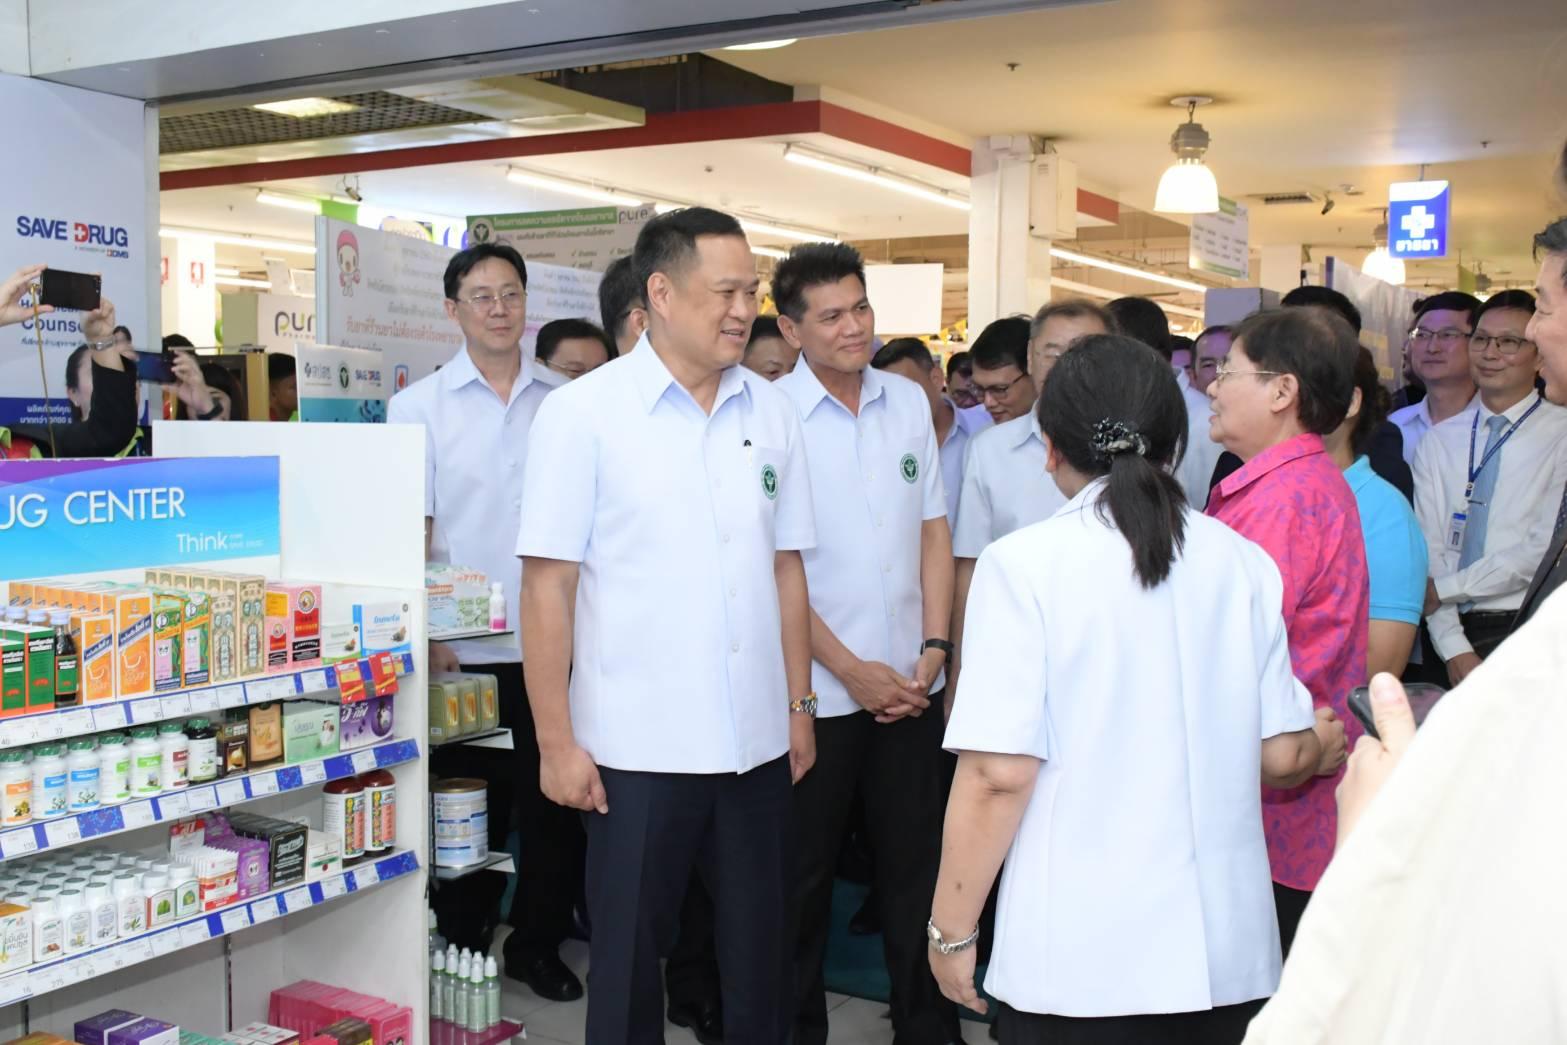 """ประเดิม 35 รพ. 300 ร้าน ผู้ป่วยรับยาผ่านร้านขายยาวันแรก """"อนุทิน"""" ยันไม่มีเอื้อรายใหญ่"""